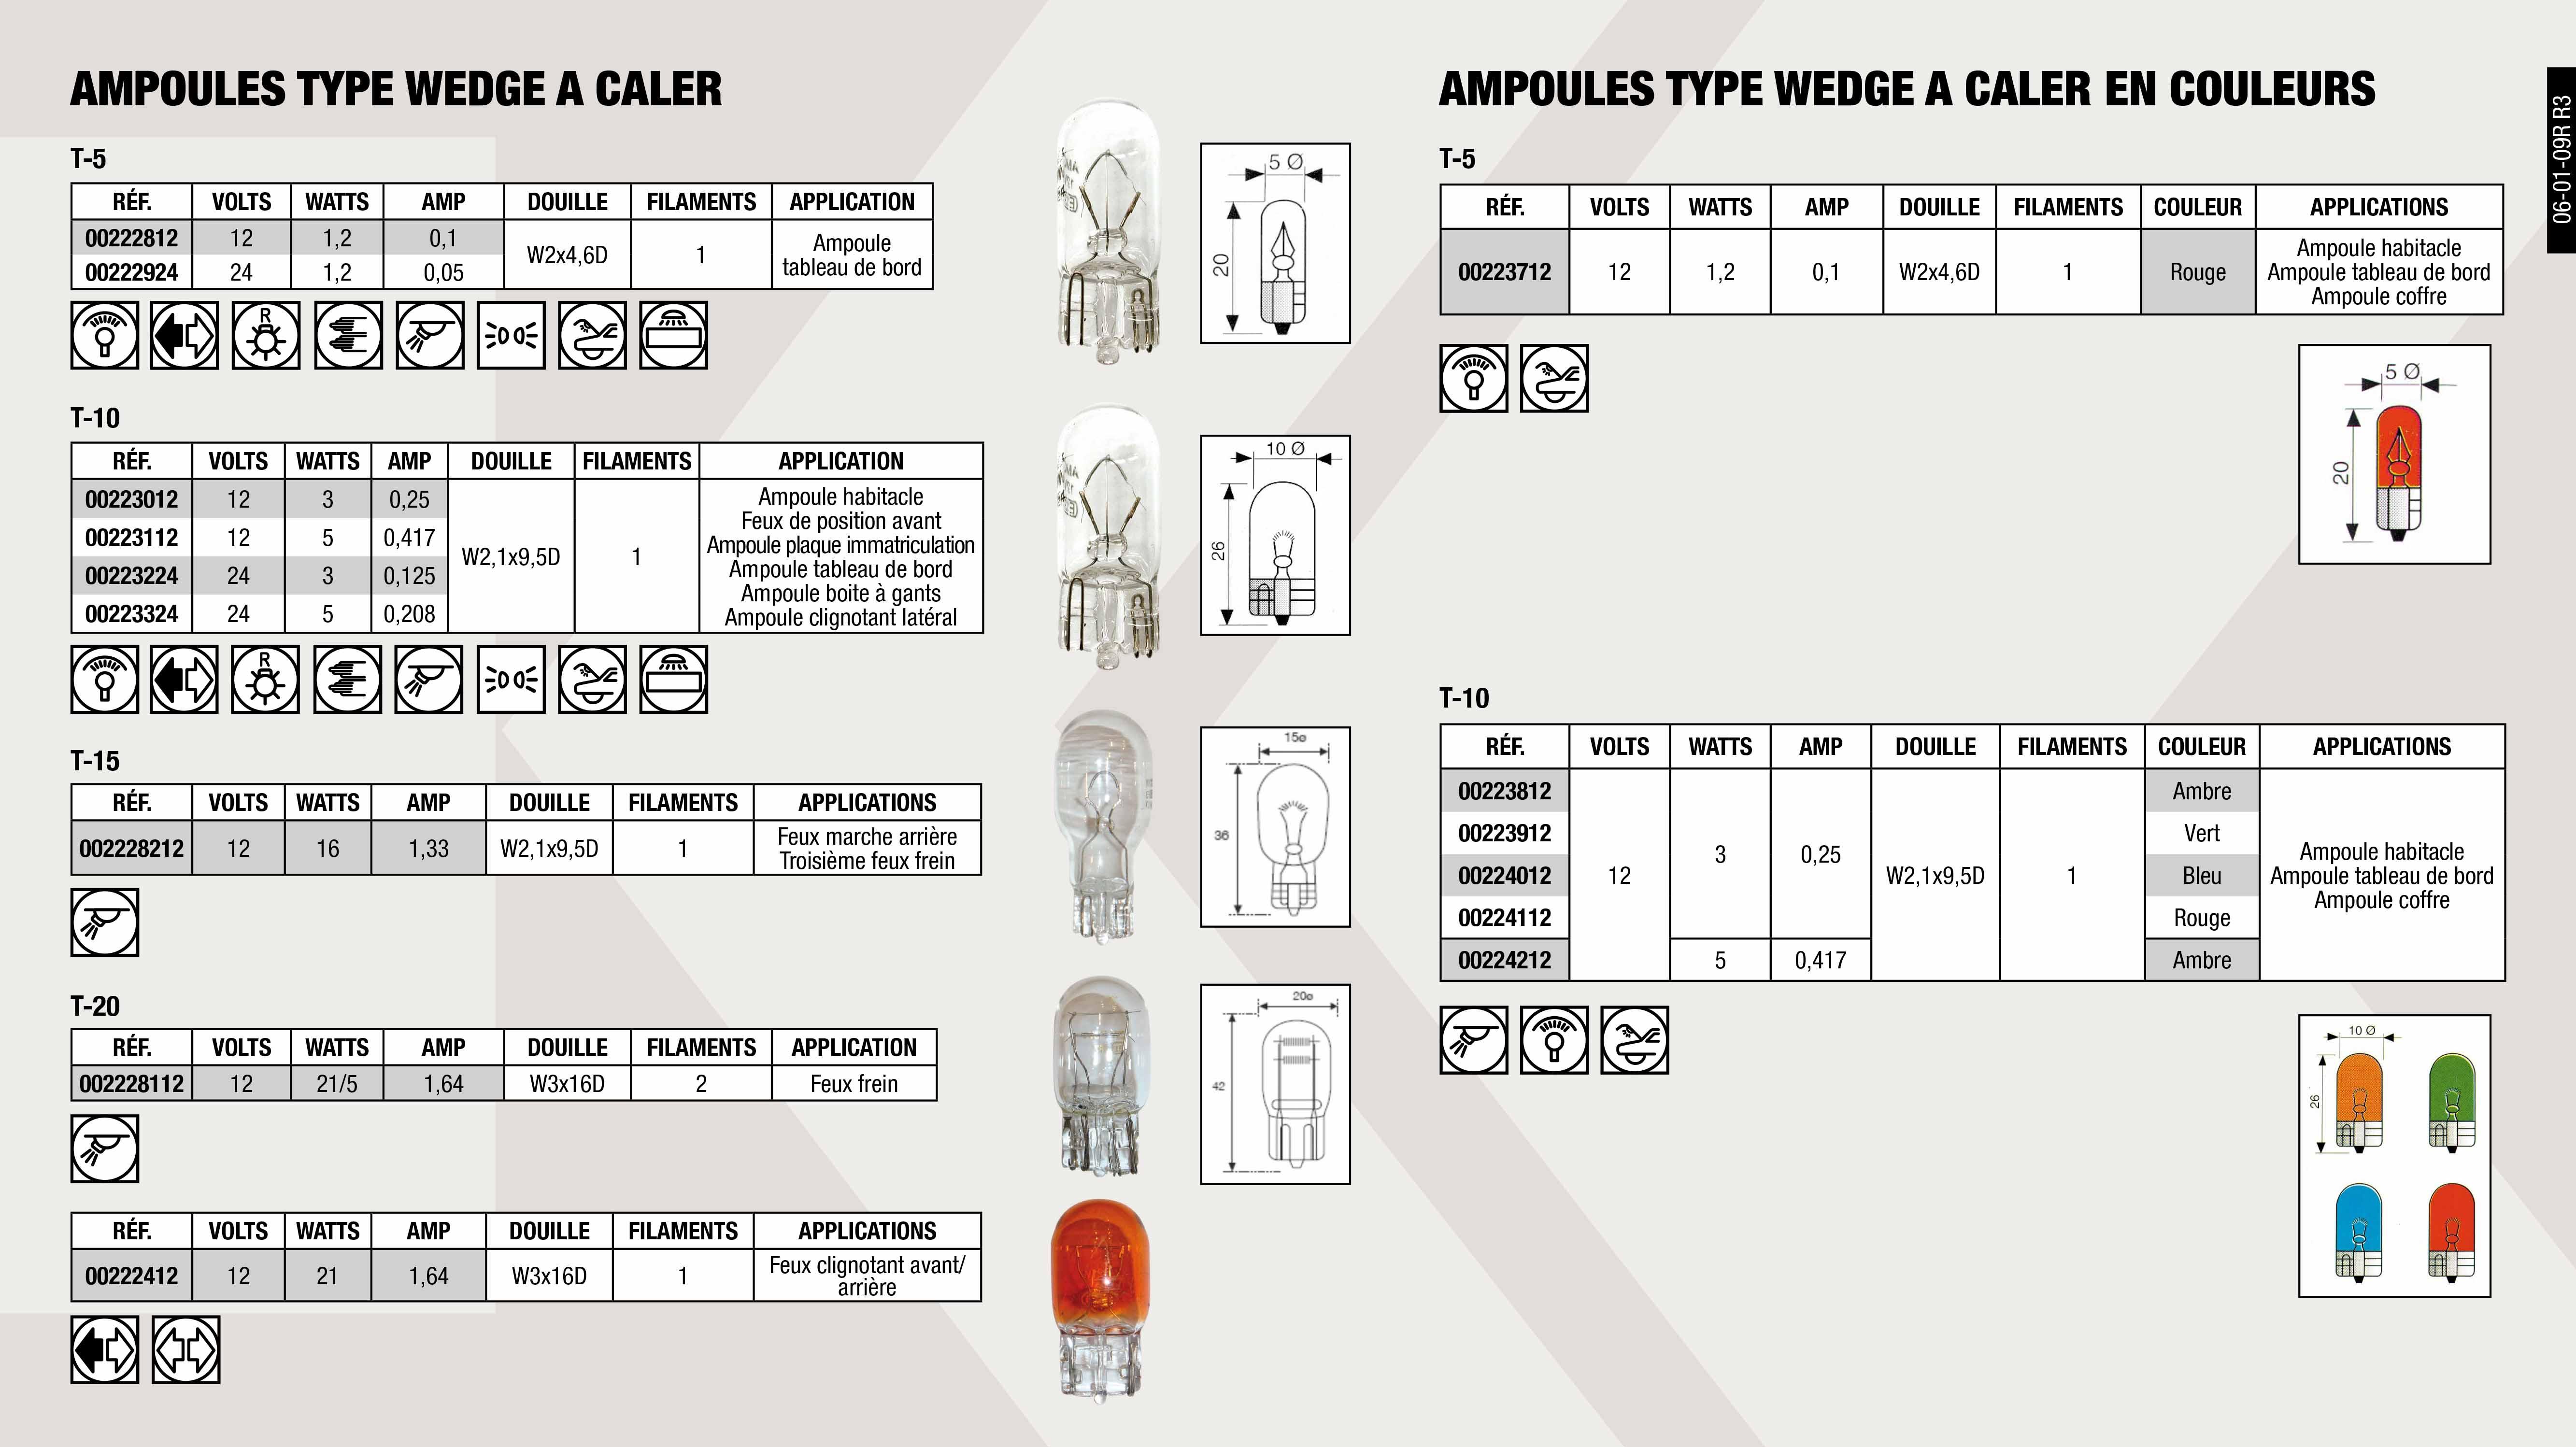 AMPOULE PILOTE 12V.2JW. AMBRE (W3X16D)                      ,  AMPOULE A CALER 12V 5W                                      ,  AMPOULE A CALER 12V 5W AMBRE                                ,  AMPOULE A CALER 24V 1,2W                                    ,  AMPOULE A CALER 24V 5W                                      ,  AMPOULE A CALER 12V 3W                                      ,  AMPOULE A CALER 12V 3W ORANGE                               ,  AMPOULE A CALER 12V 1,2W ROUGE                              ,  AMPOULE A CALER 12V 3W BLEU                                 ,  AMPOULE A CALER 12V 1,2W                                    ,  AMPOULE A CALER 12V 3W ROUGE                                ,  AMPOULE WEDGE 12V.21/5W.T-20 (W3X16D)                       ,  AMPOULE WEDGE 12V. 16W. T-15 (W2,1x9,5D)                    ,  AMPOULE A CALER 24V 3W                                      ,  AMPOULE A CALER 12V 1,2W BLEU                               ,  AMPOULE A CALER 12V 3W VERTE                                ,